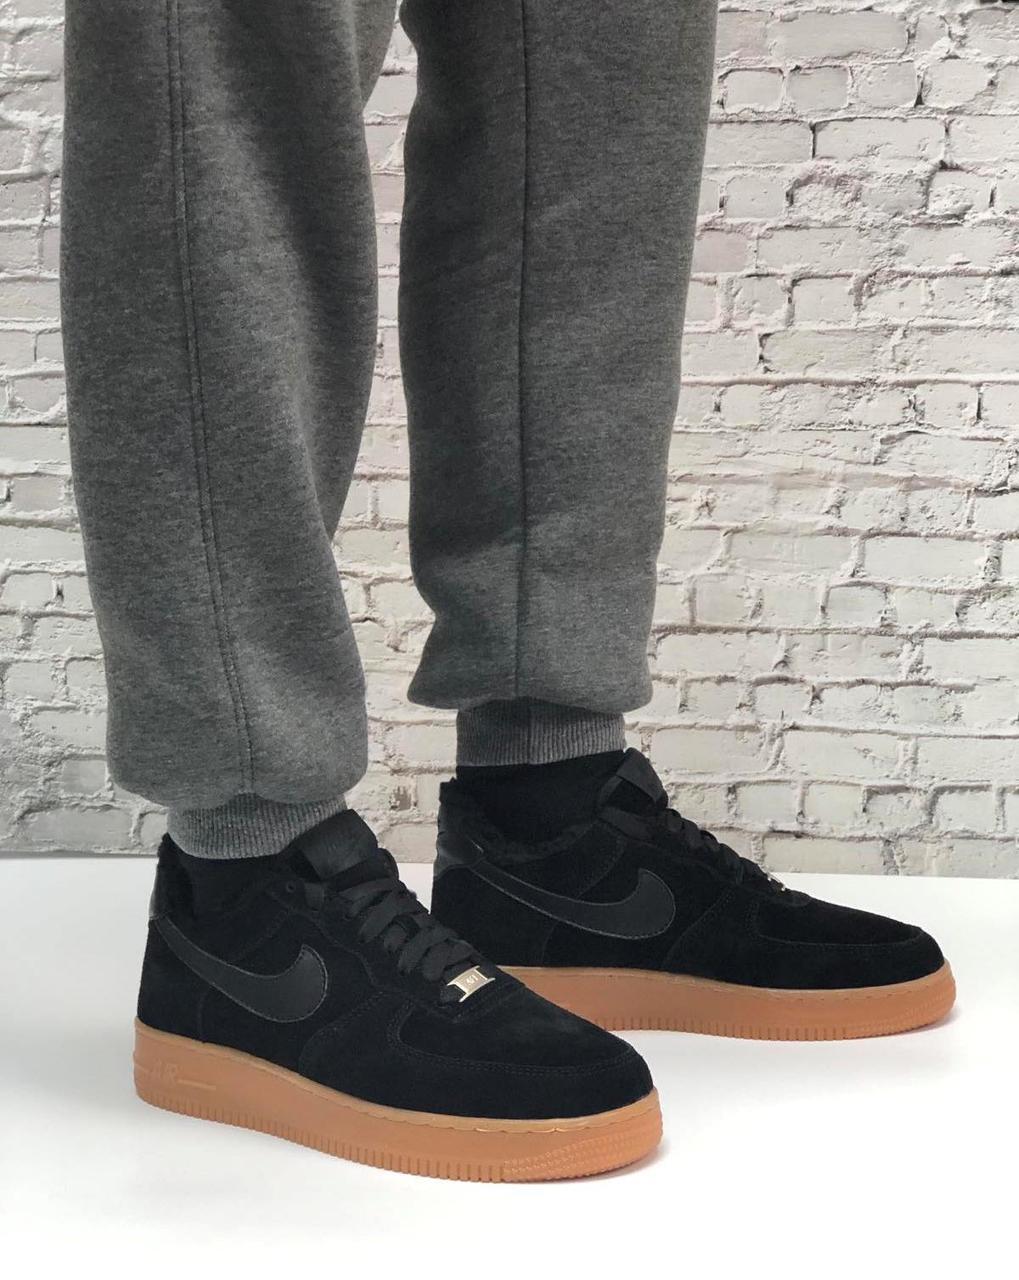 Кроссовки женские зимние Nike Air Force low black (Реплика ААА)